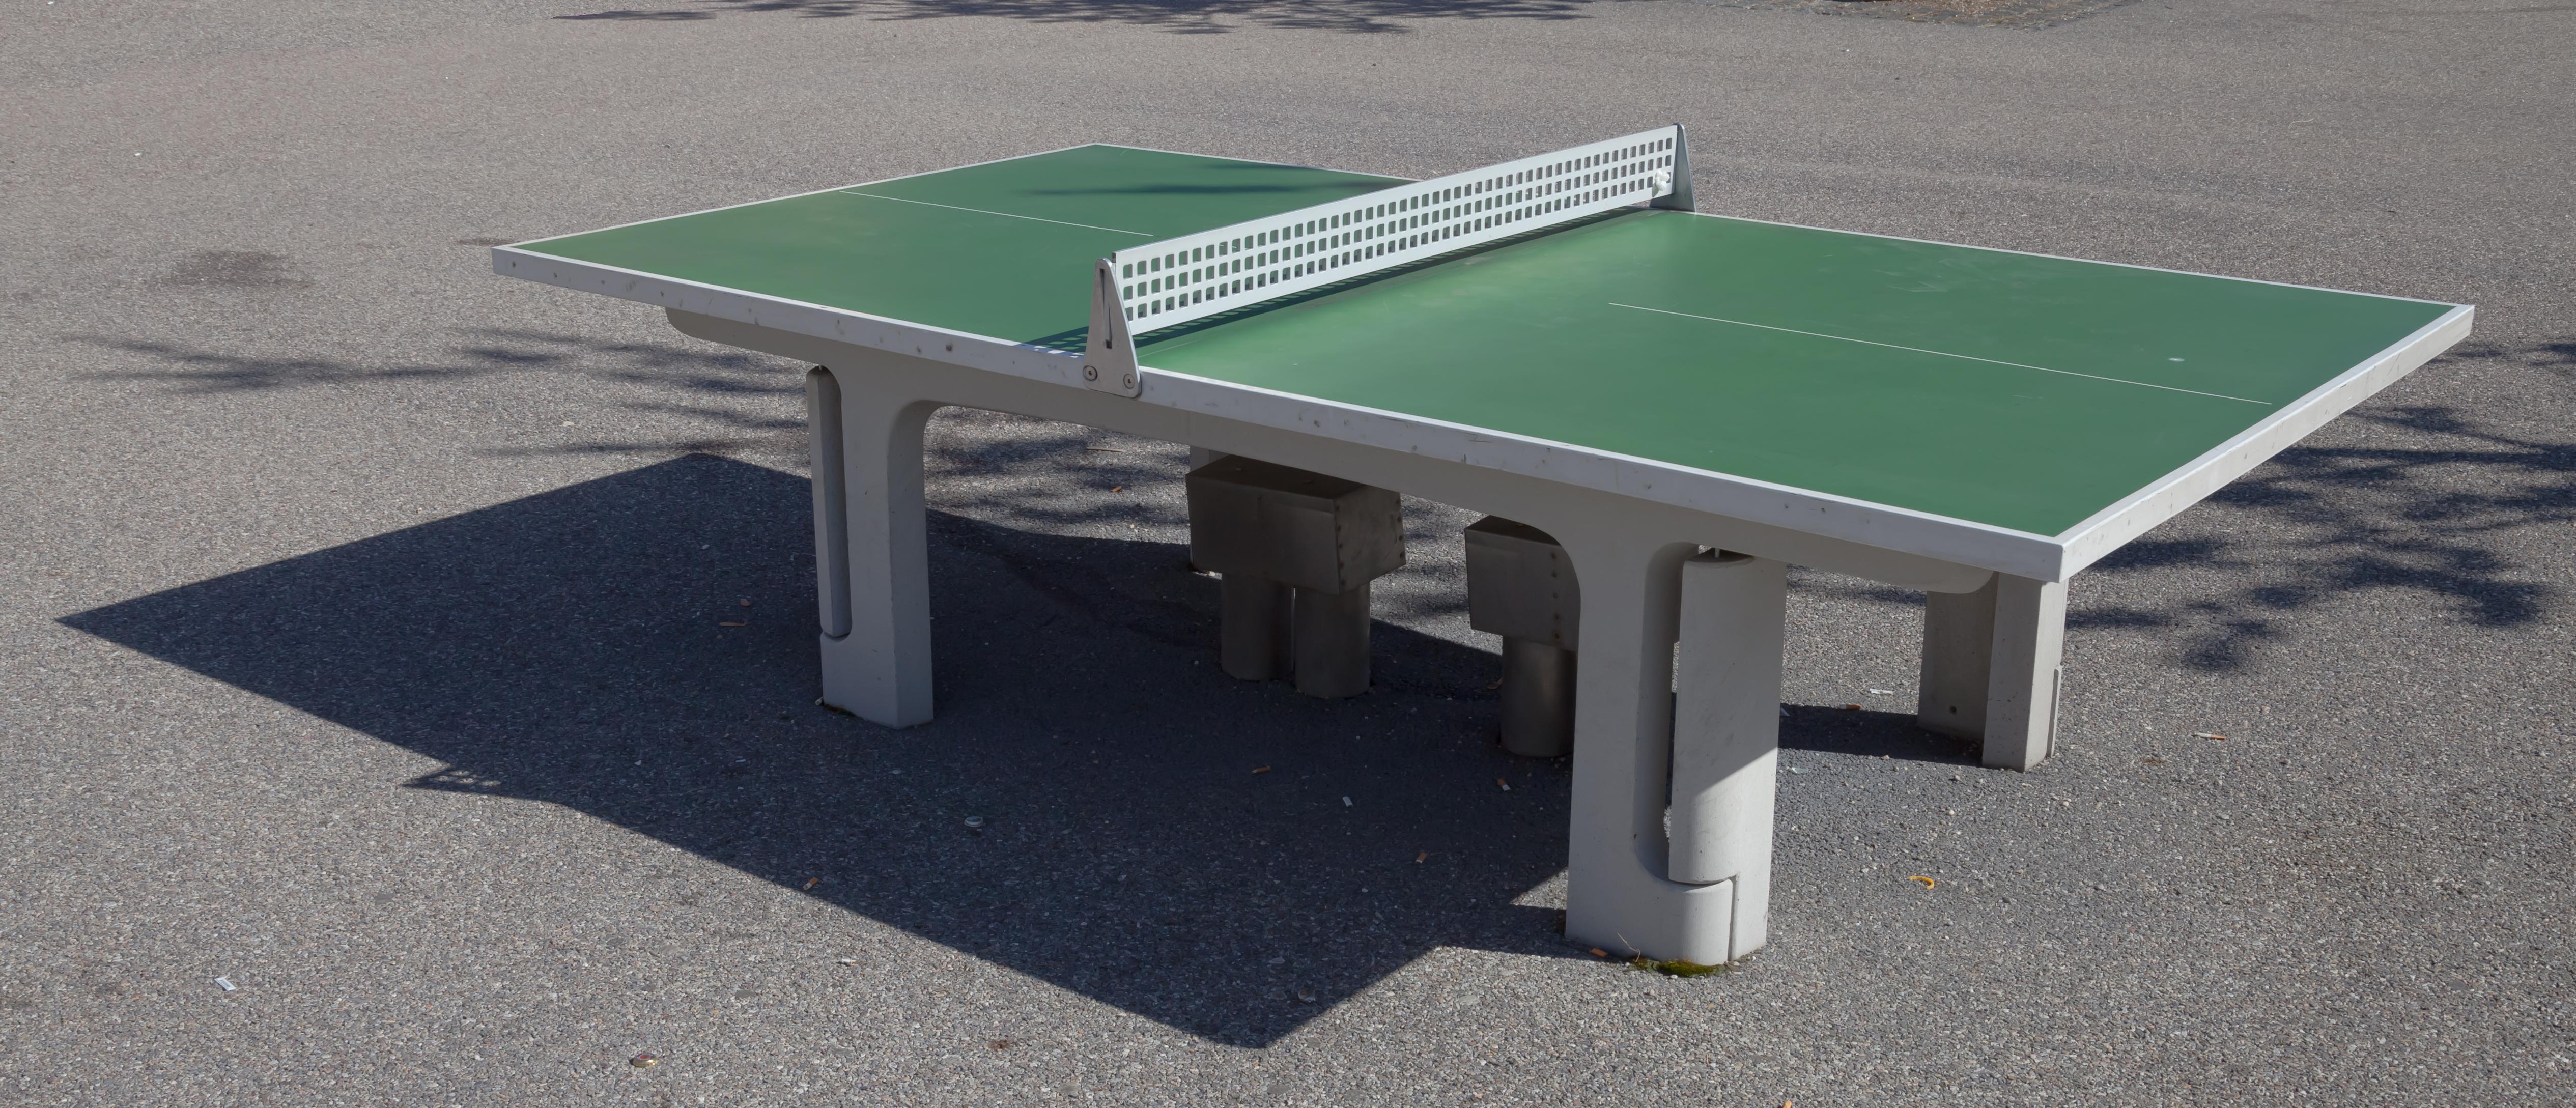 F jl mesa de ping pong riesstr m nich alemania 2012 04 for Mesa de ping pong milanuncios